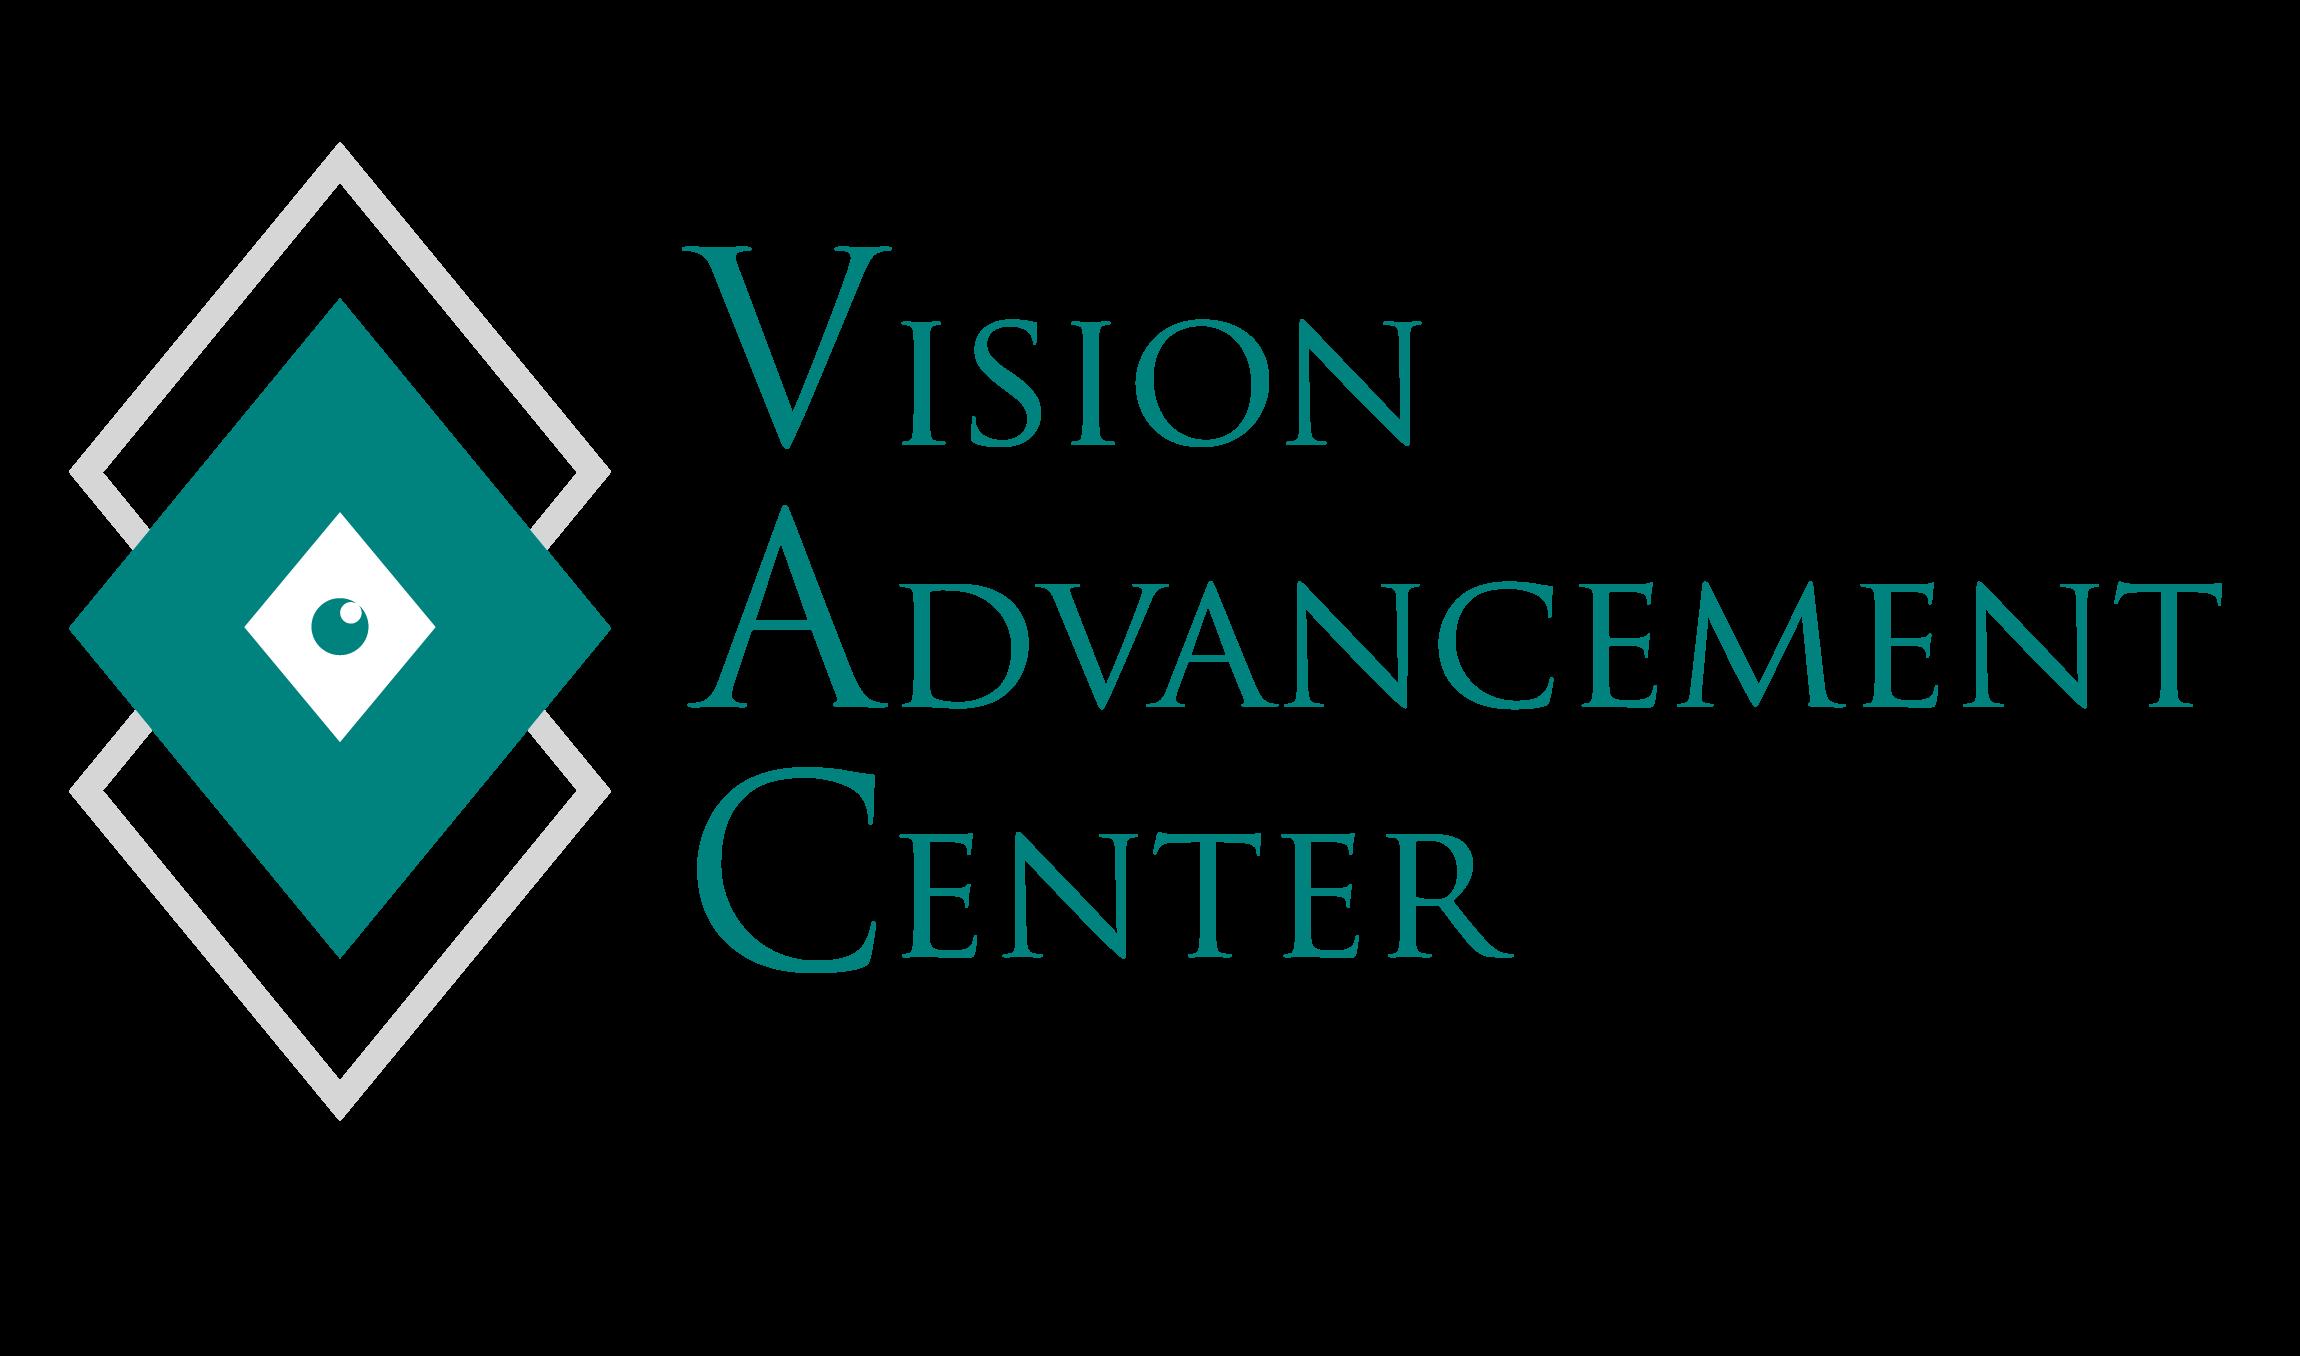 Vision Advancement Center